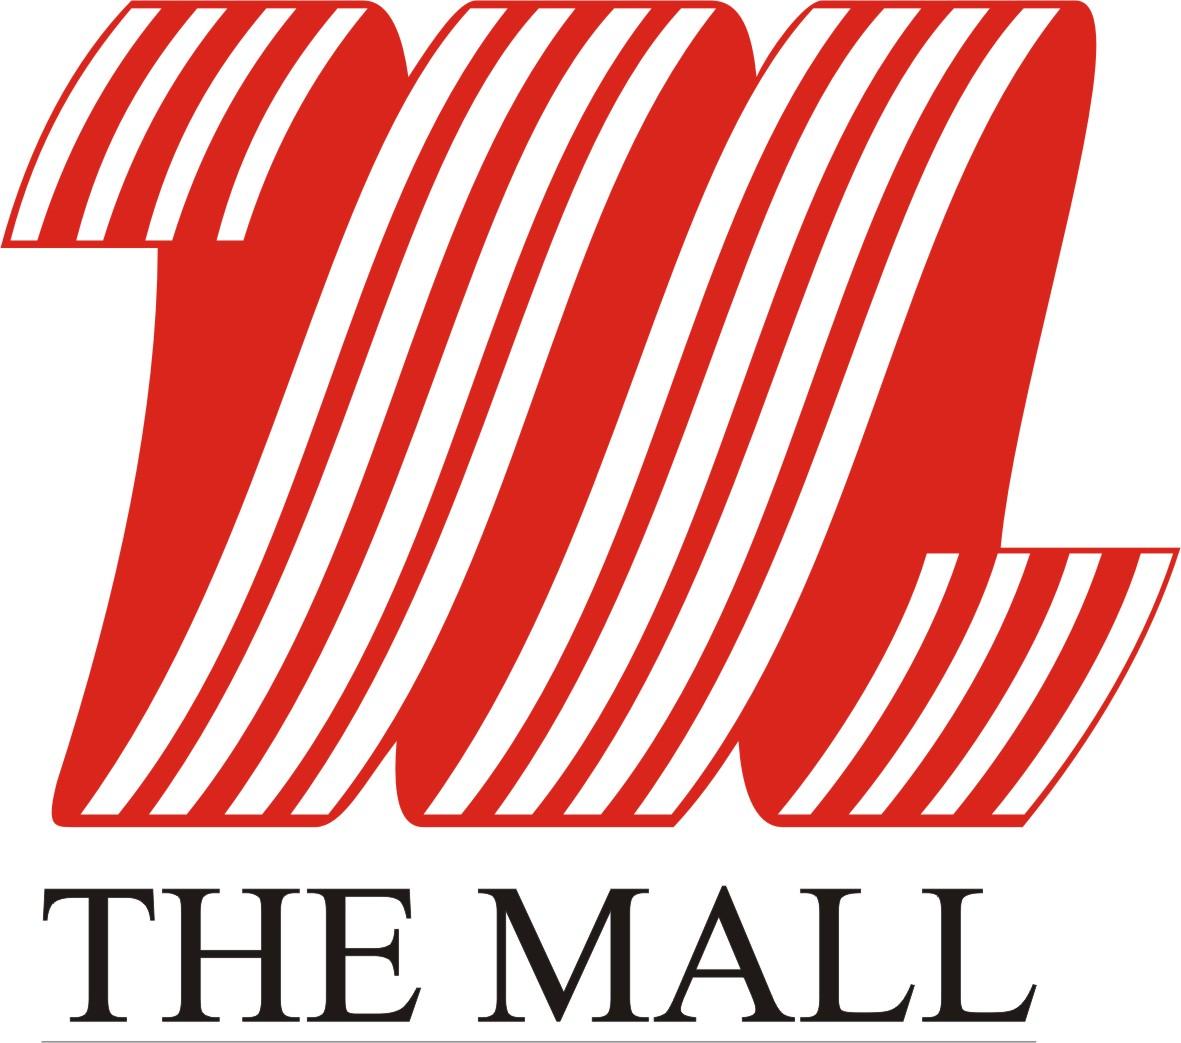 งาน Part Time แคชเชียร์ The mall งามวงศ์วานเปิดรับสมัครแคชเชียร์